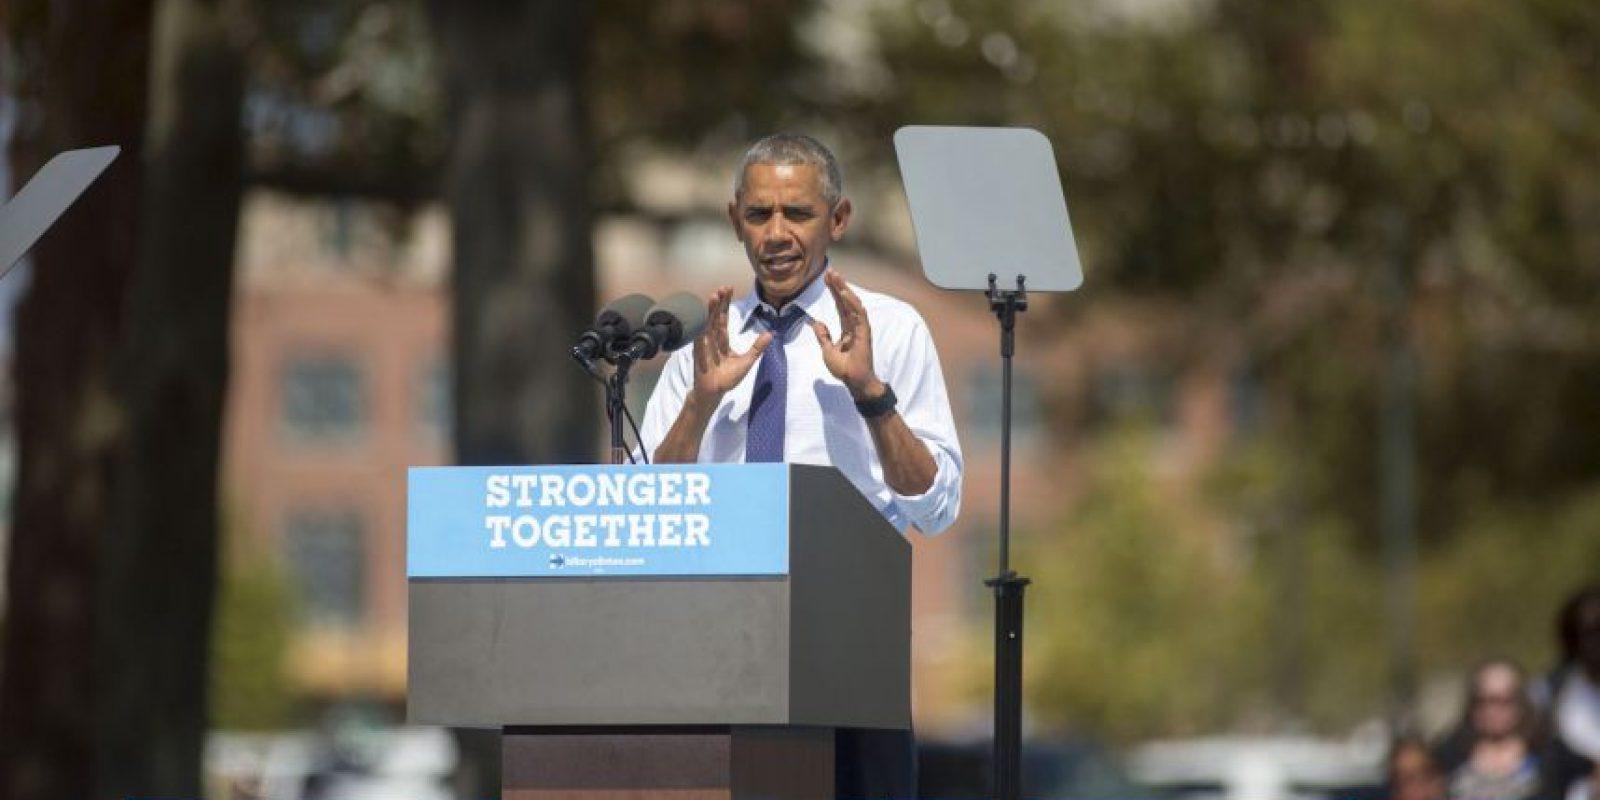 Getty Images Foto:Esta semana se espera la reaparición de Hillary Clinton. Mientras tanto, en sus eventos de campaña estuvo el presidente Barack Obama